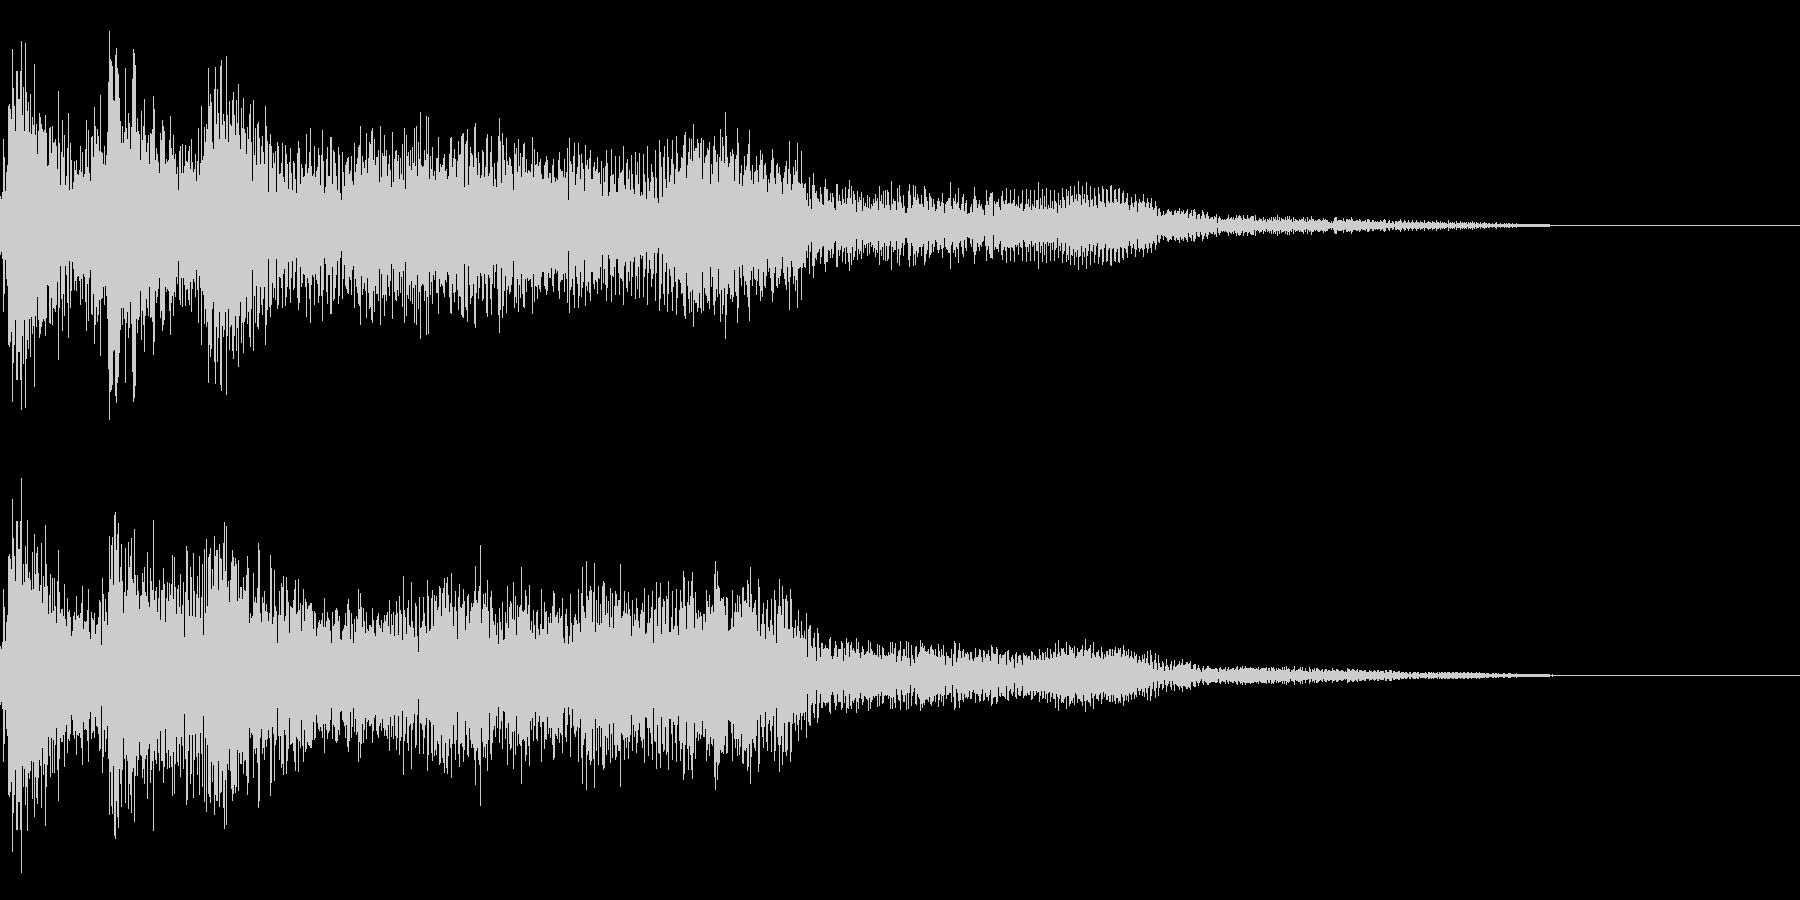 レトロな失敗した時の音 ゲームオーバーの未再生の波形